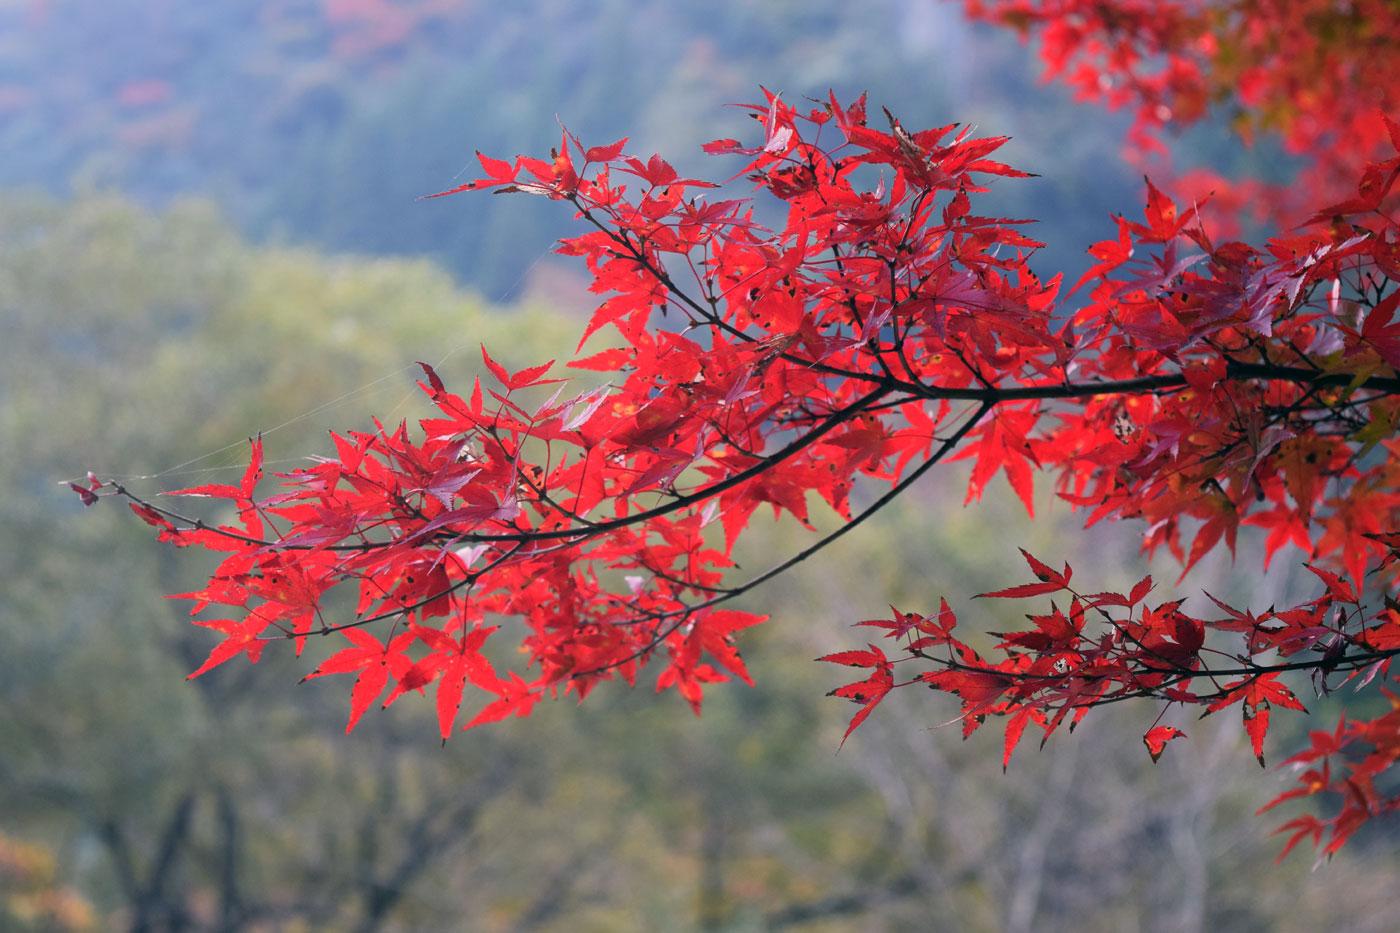 Altro caso di combustione naturale di <i>Acer palmatum</i> presso le stesse montagne Yabakei.